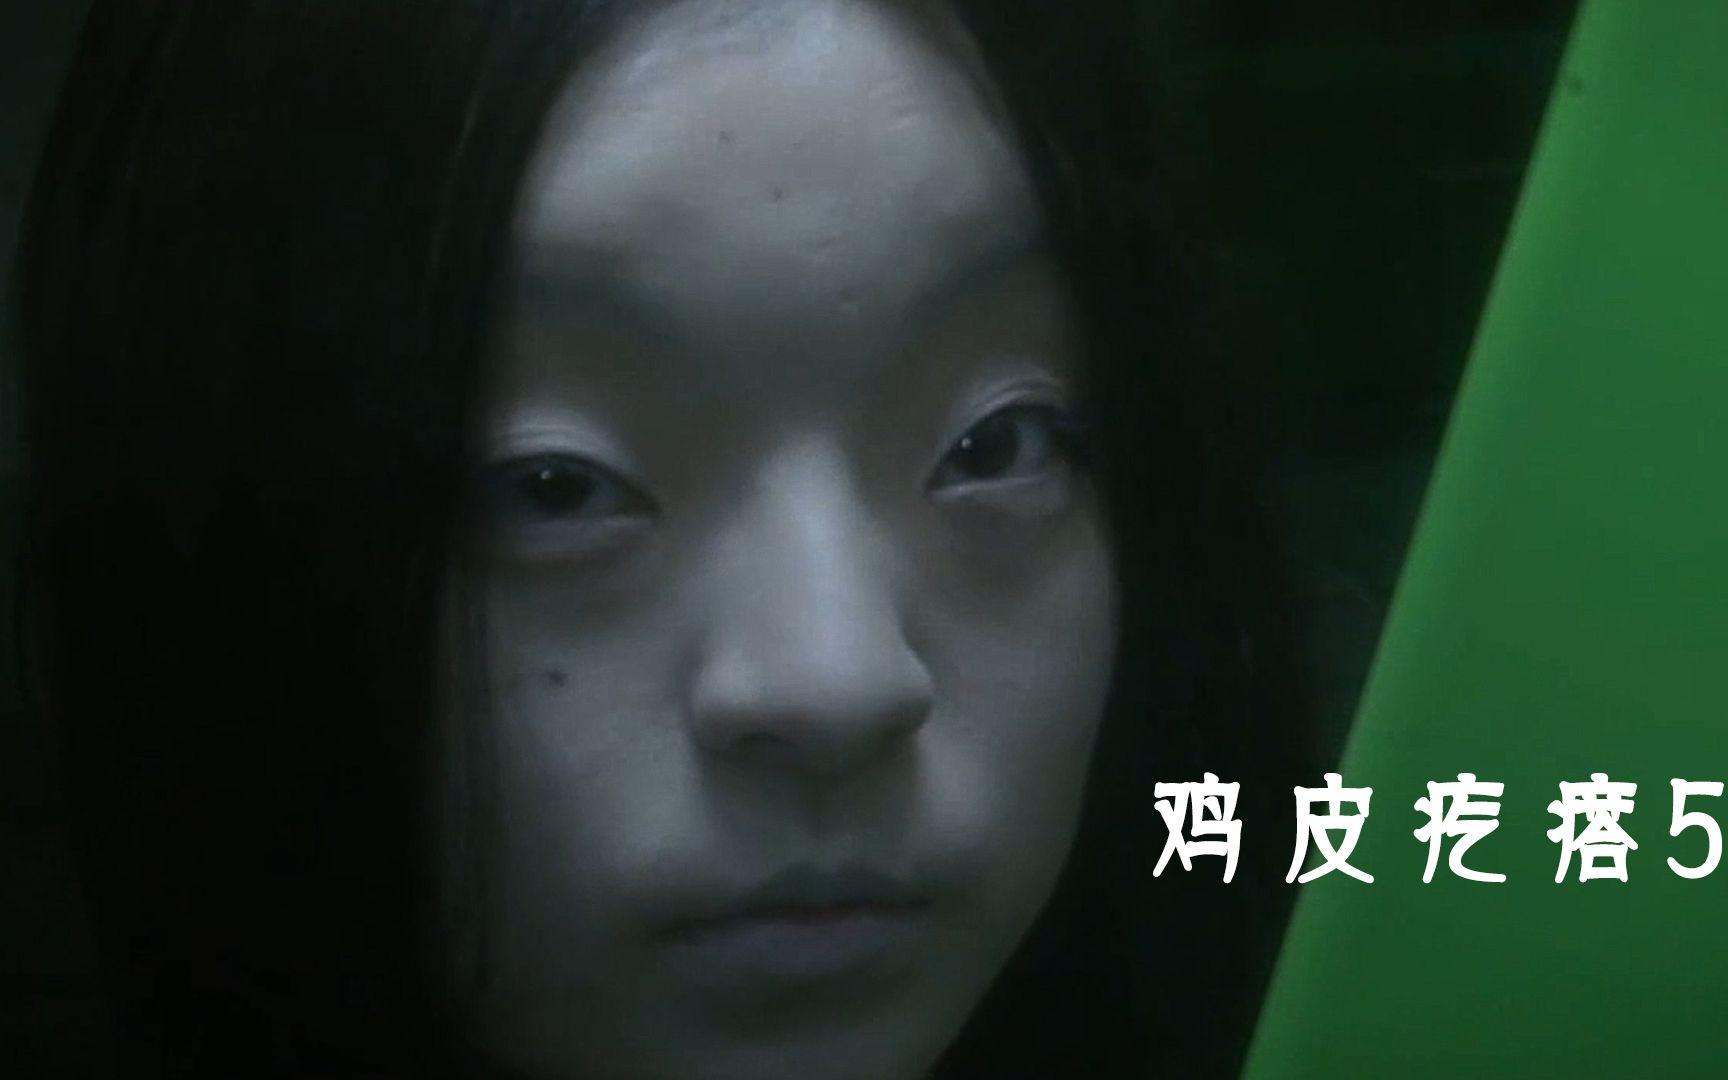 深夜恐怖小故事《鸡皮疙瘩5》,每一个都让人细思极恐,头皮发麻~